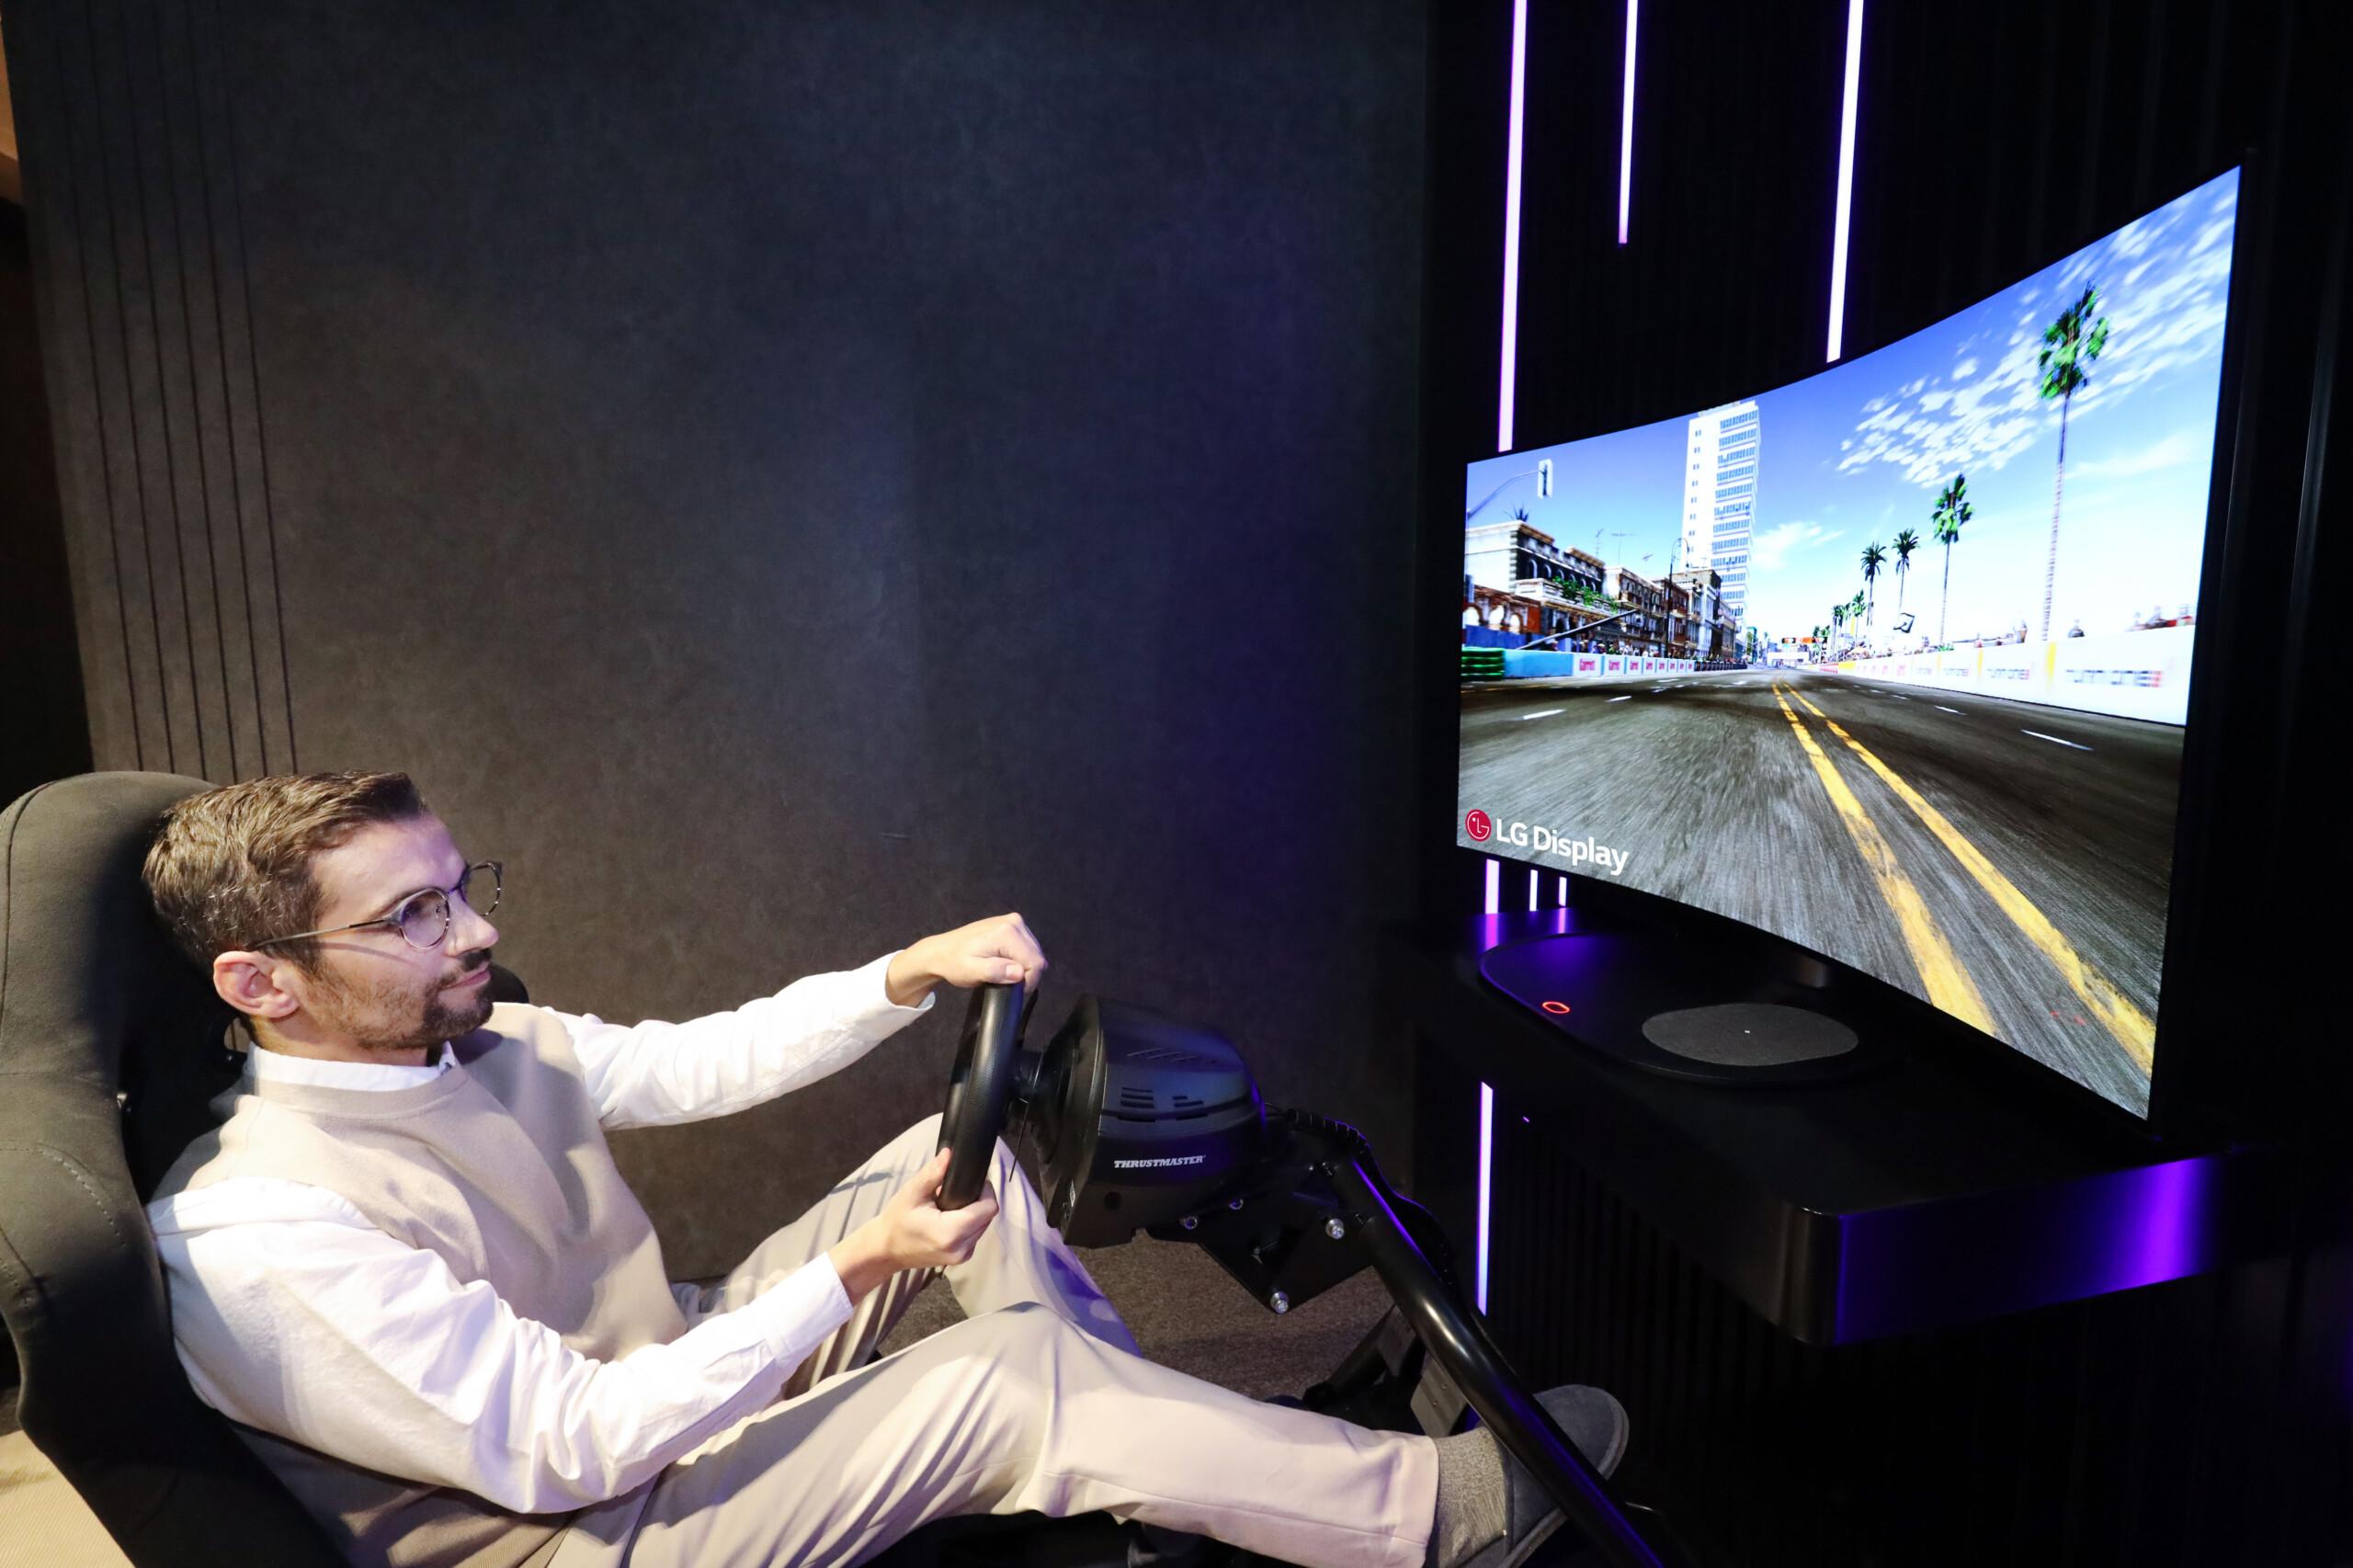 LG dévoile un écran OLED incurvable à l'envi avec du son sans haut-parleur